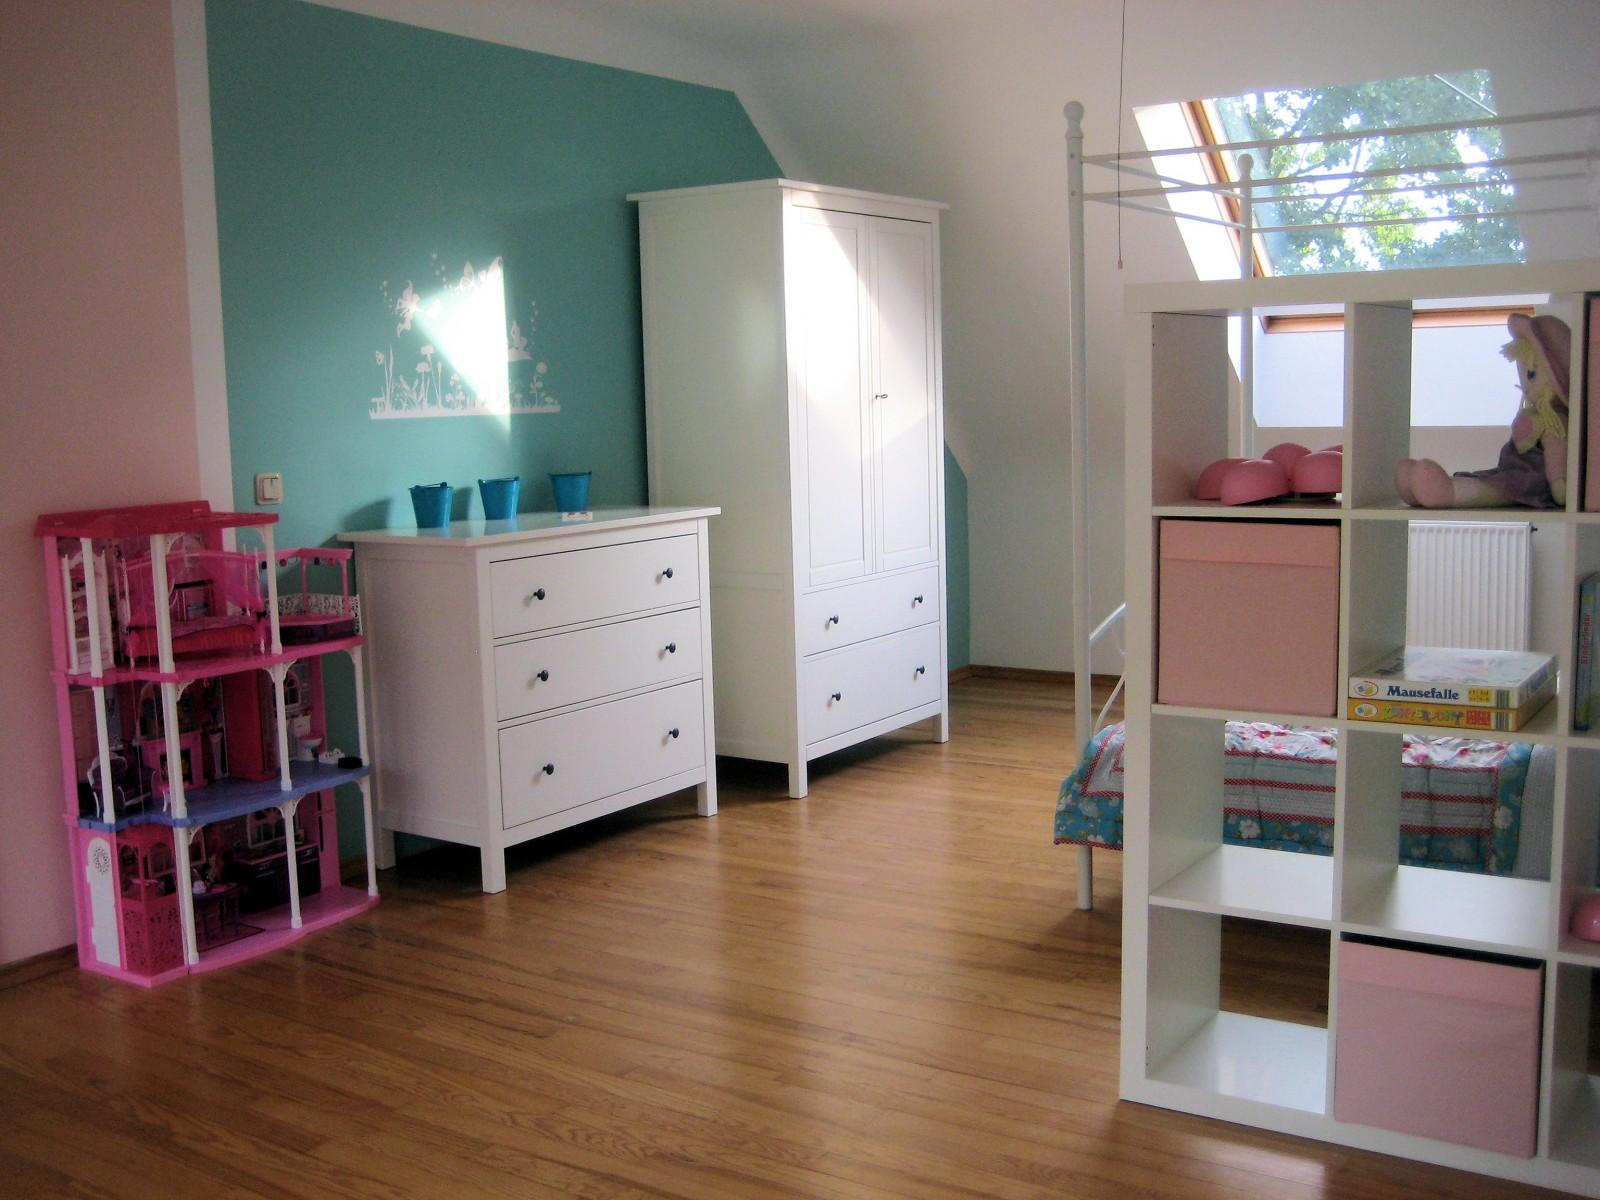 kinderzimmer selbstrenoviertes 50er jahre haus von darlahood 29168 zimmerschau. Black Bedroom Furniture Sets. Home Design Ideas